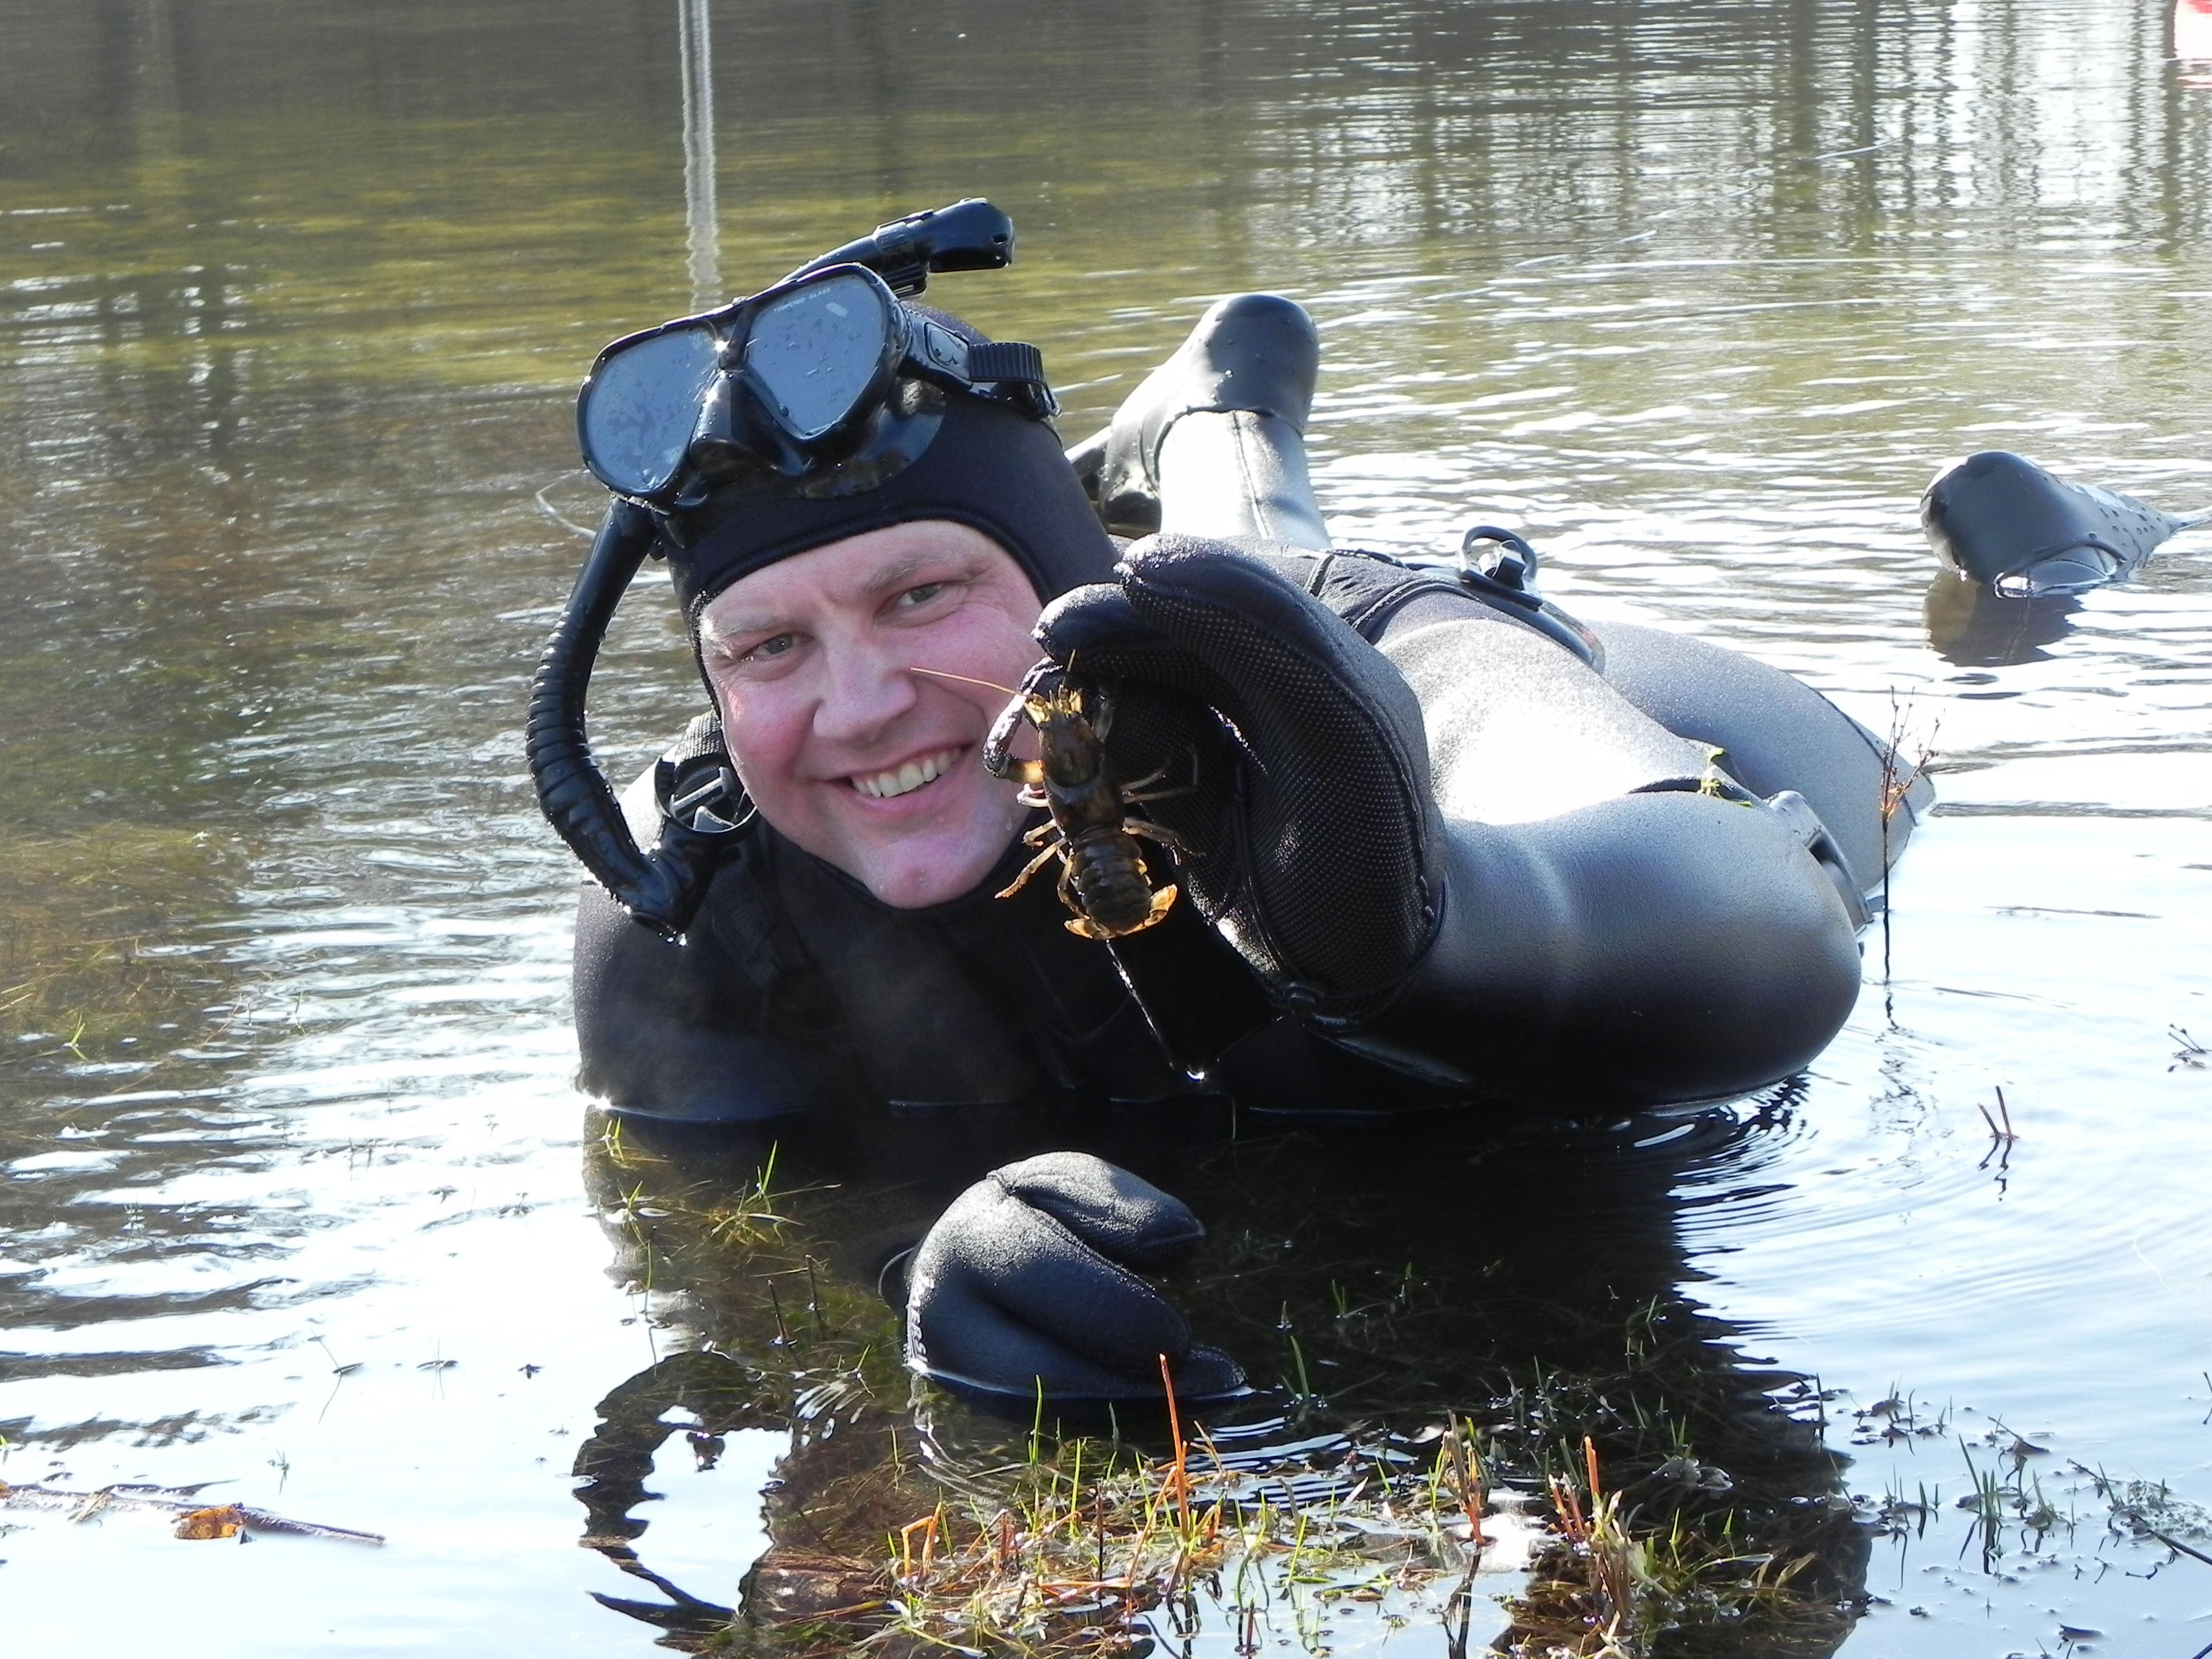 Snorkelsafari i Vedsted sø